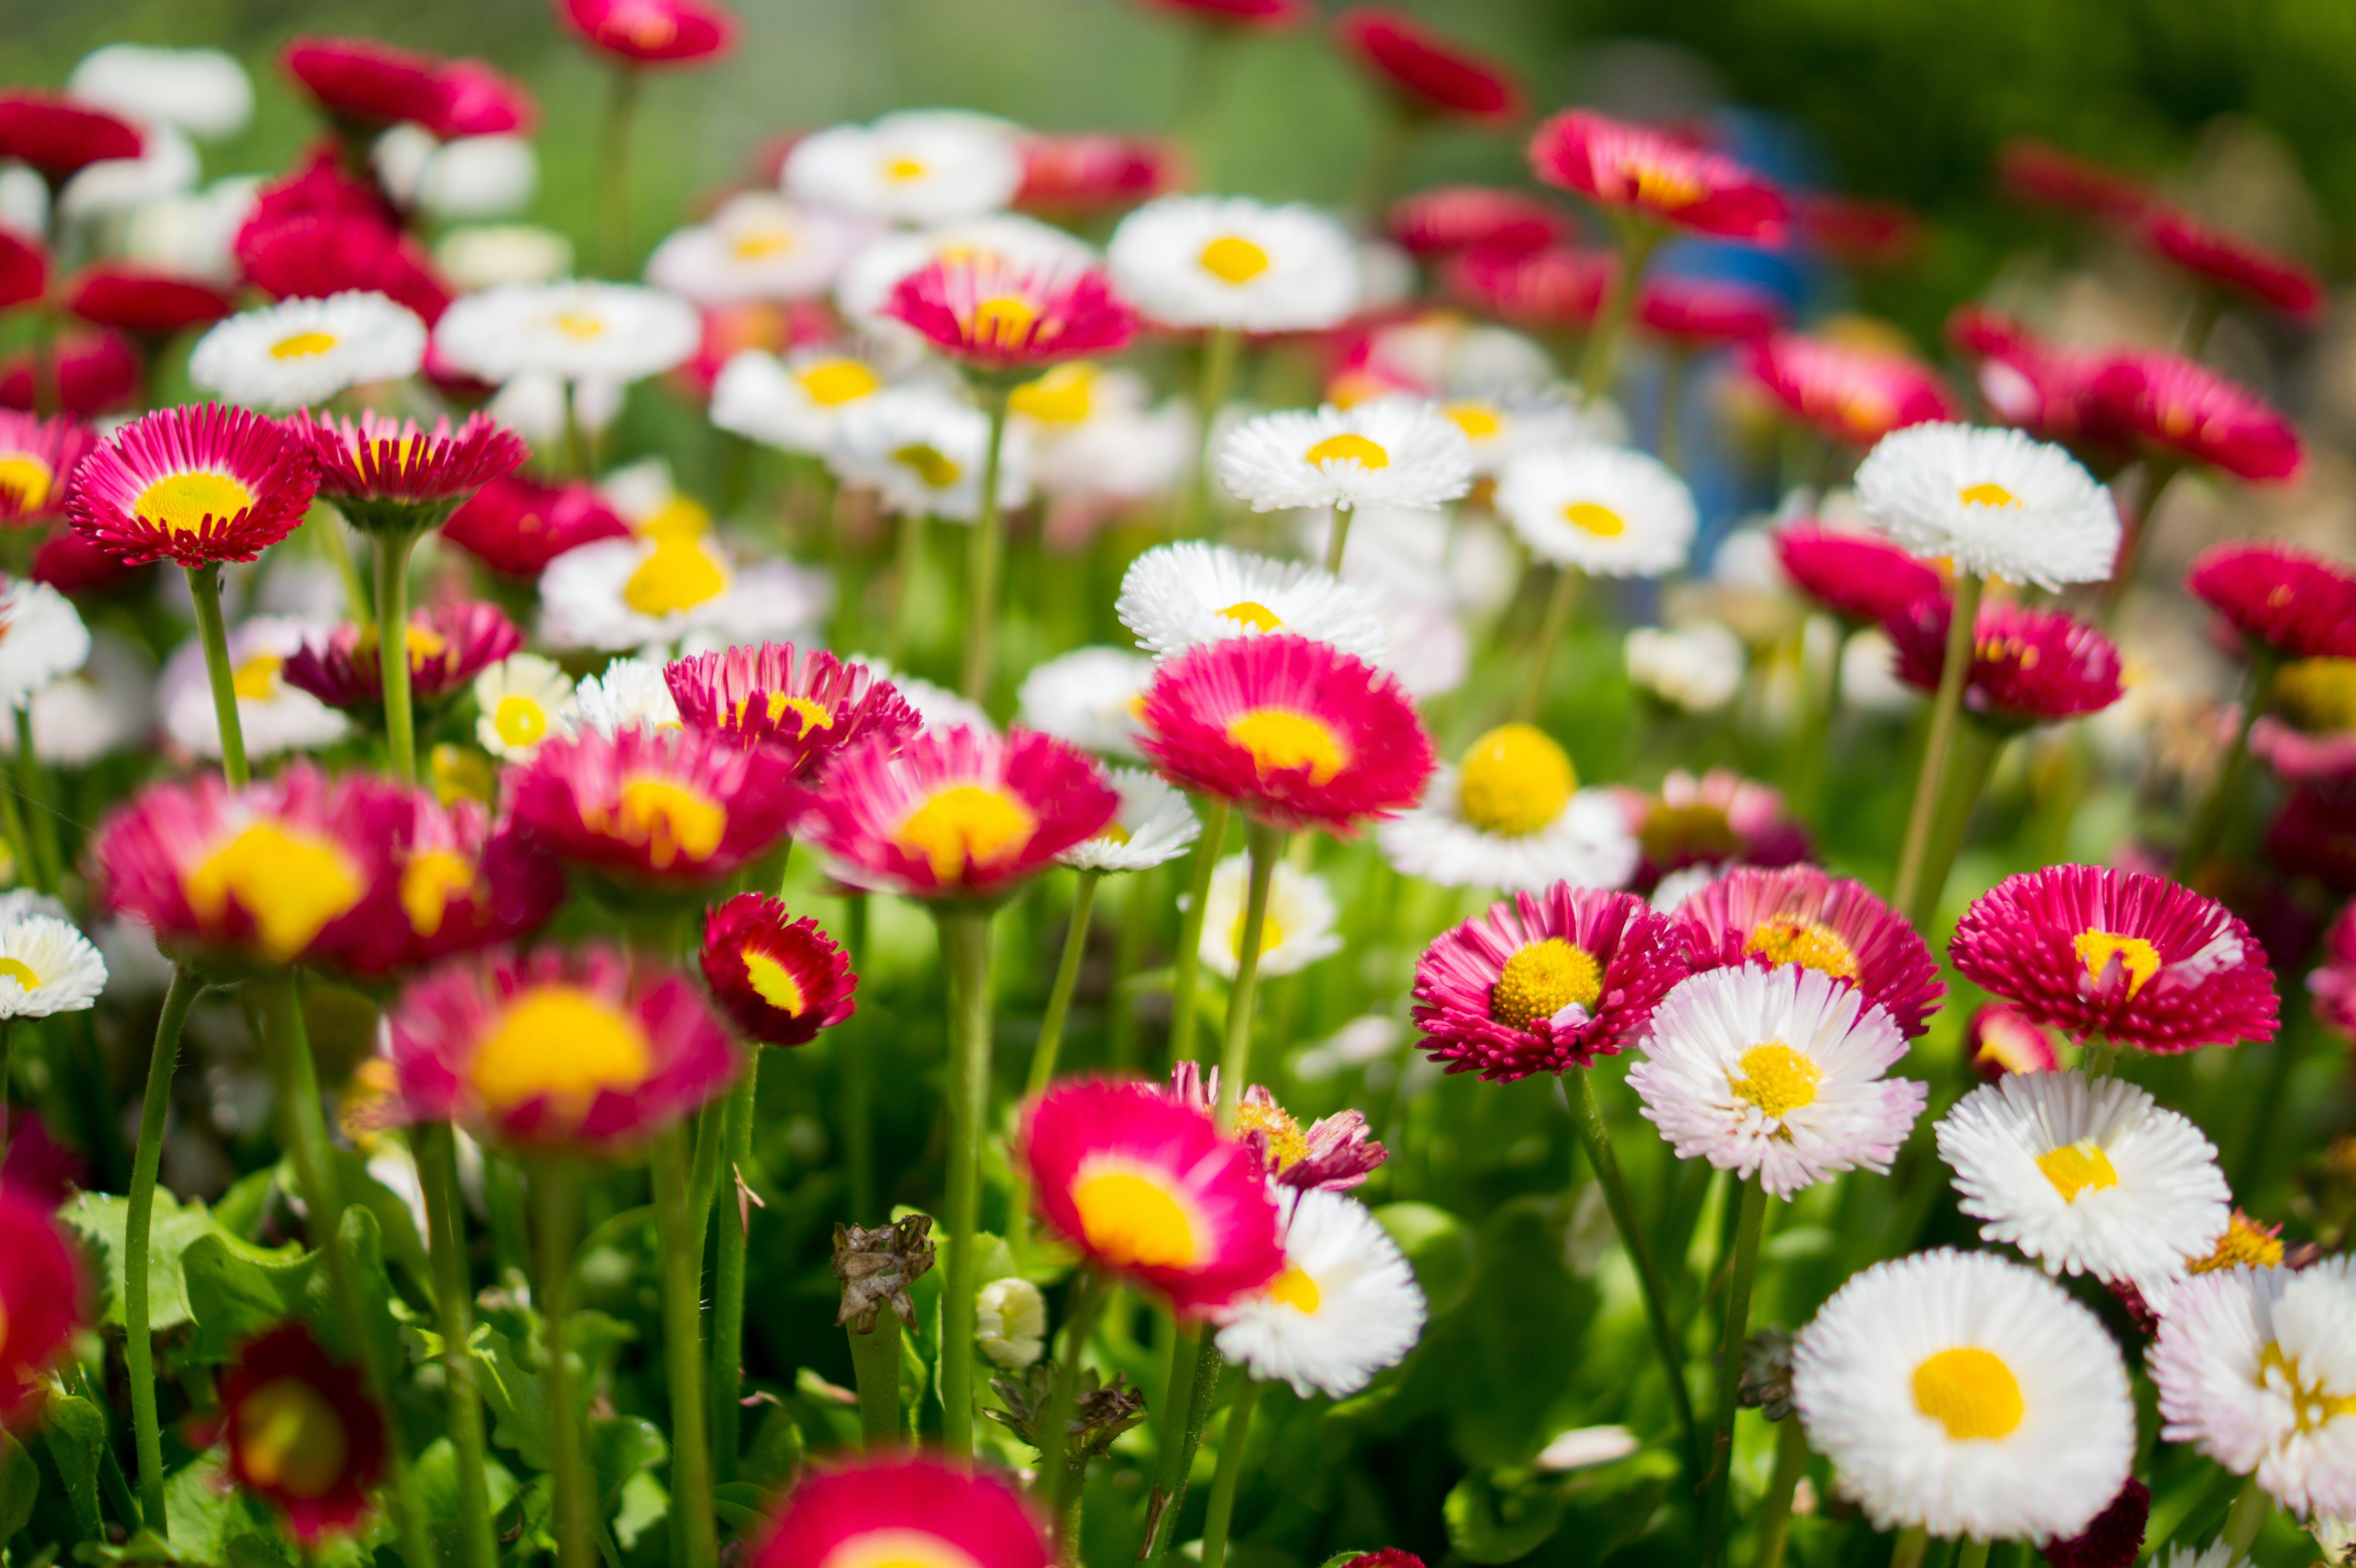 Gratis stockfoto met bloemachtig, bloemen, bureaublad achtergronden, fabrieken